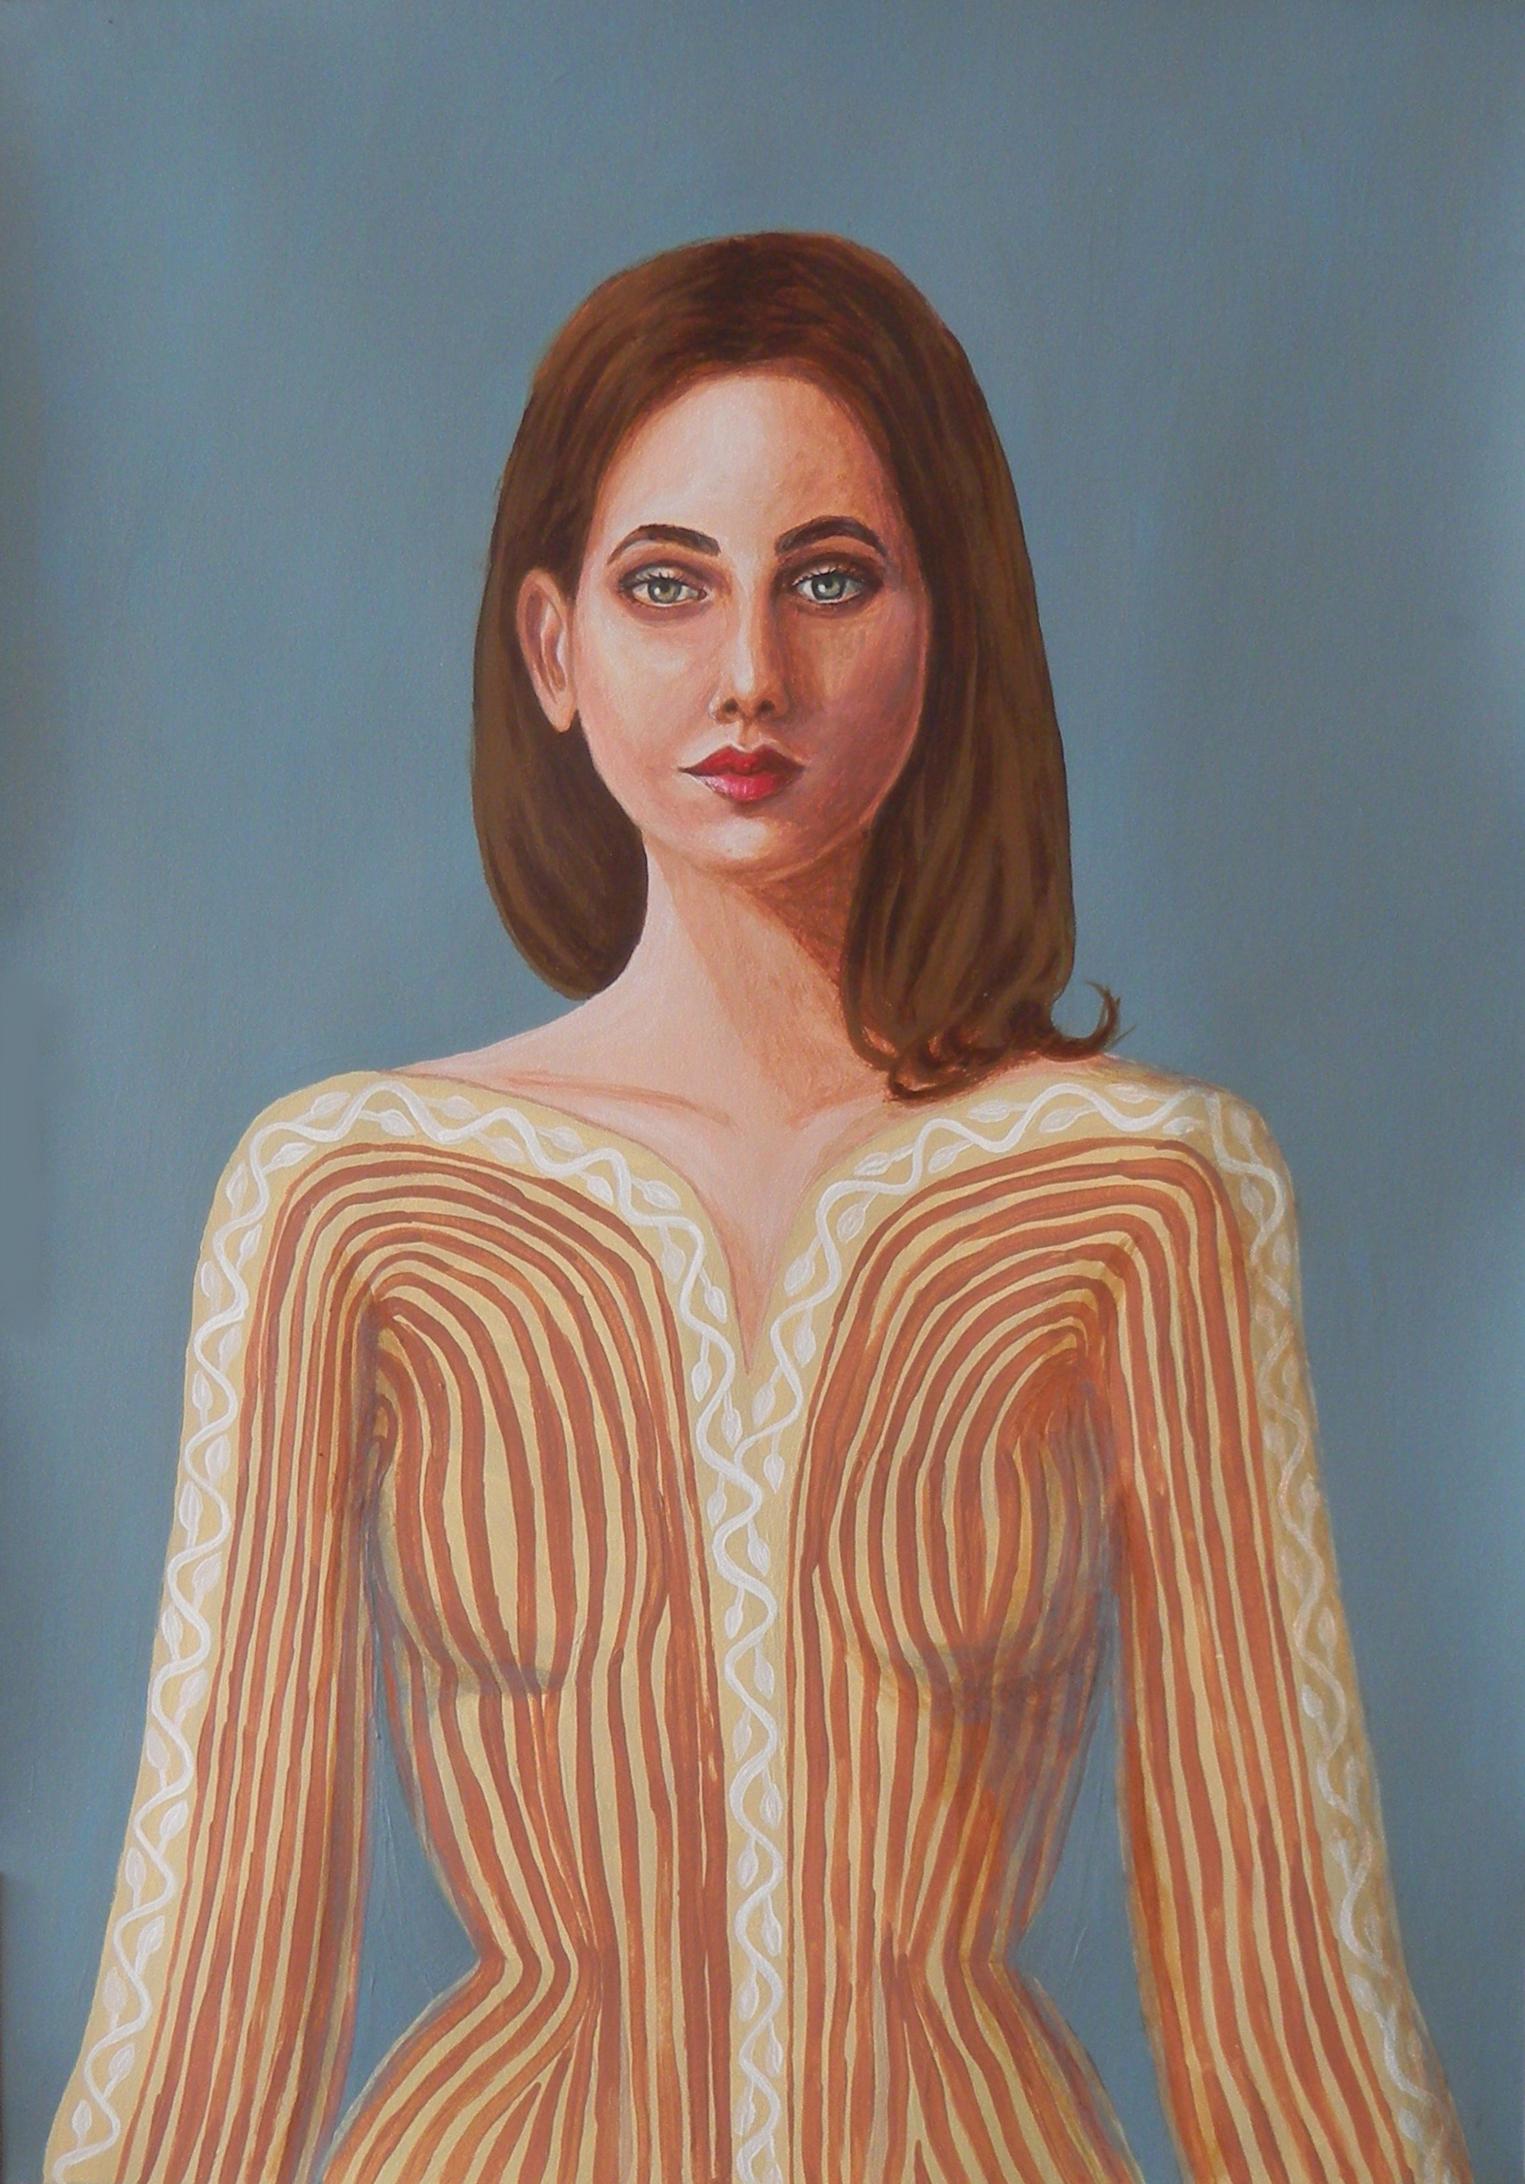 Amélia  - Portrait imaginaire